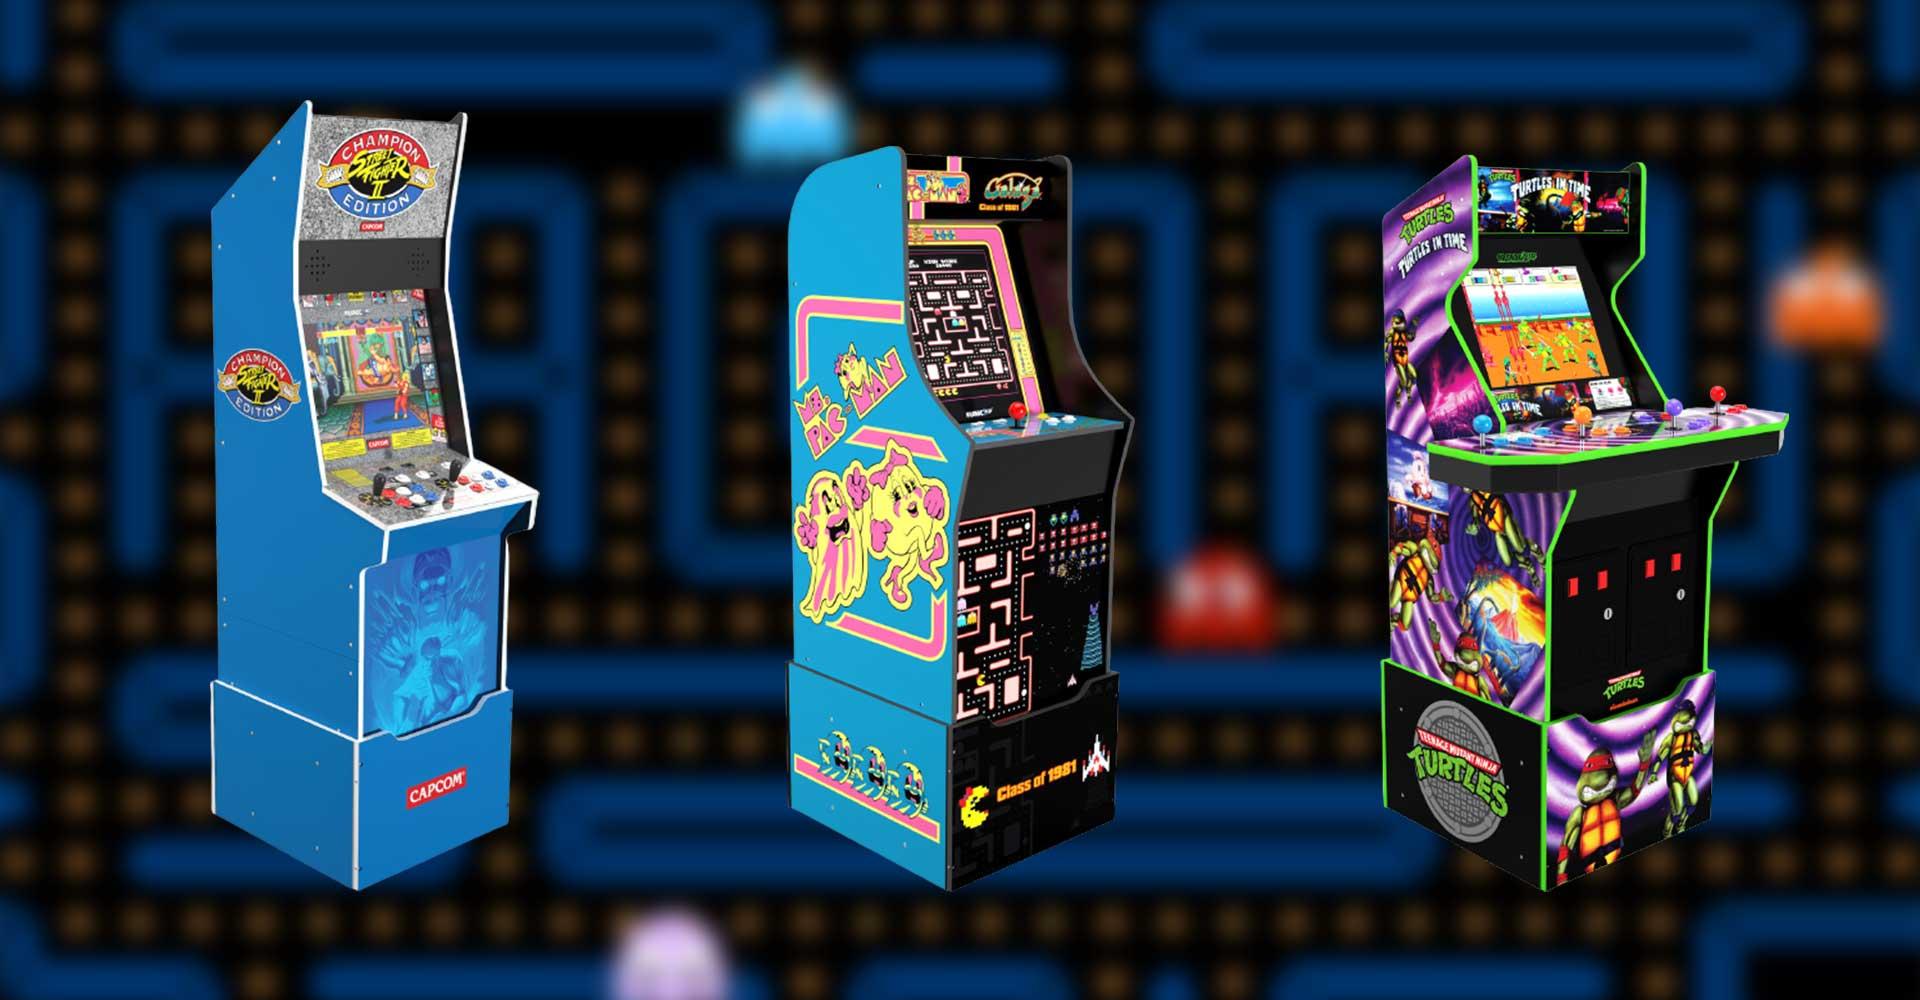 Arcade1Up veröffentlicht drei weitere Arcade-Automaten